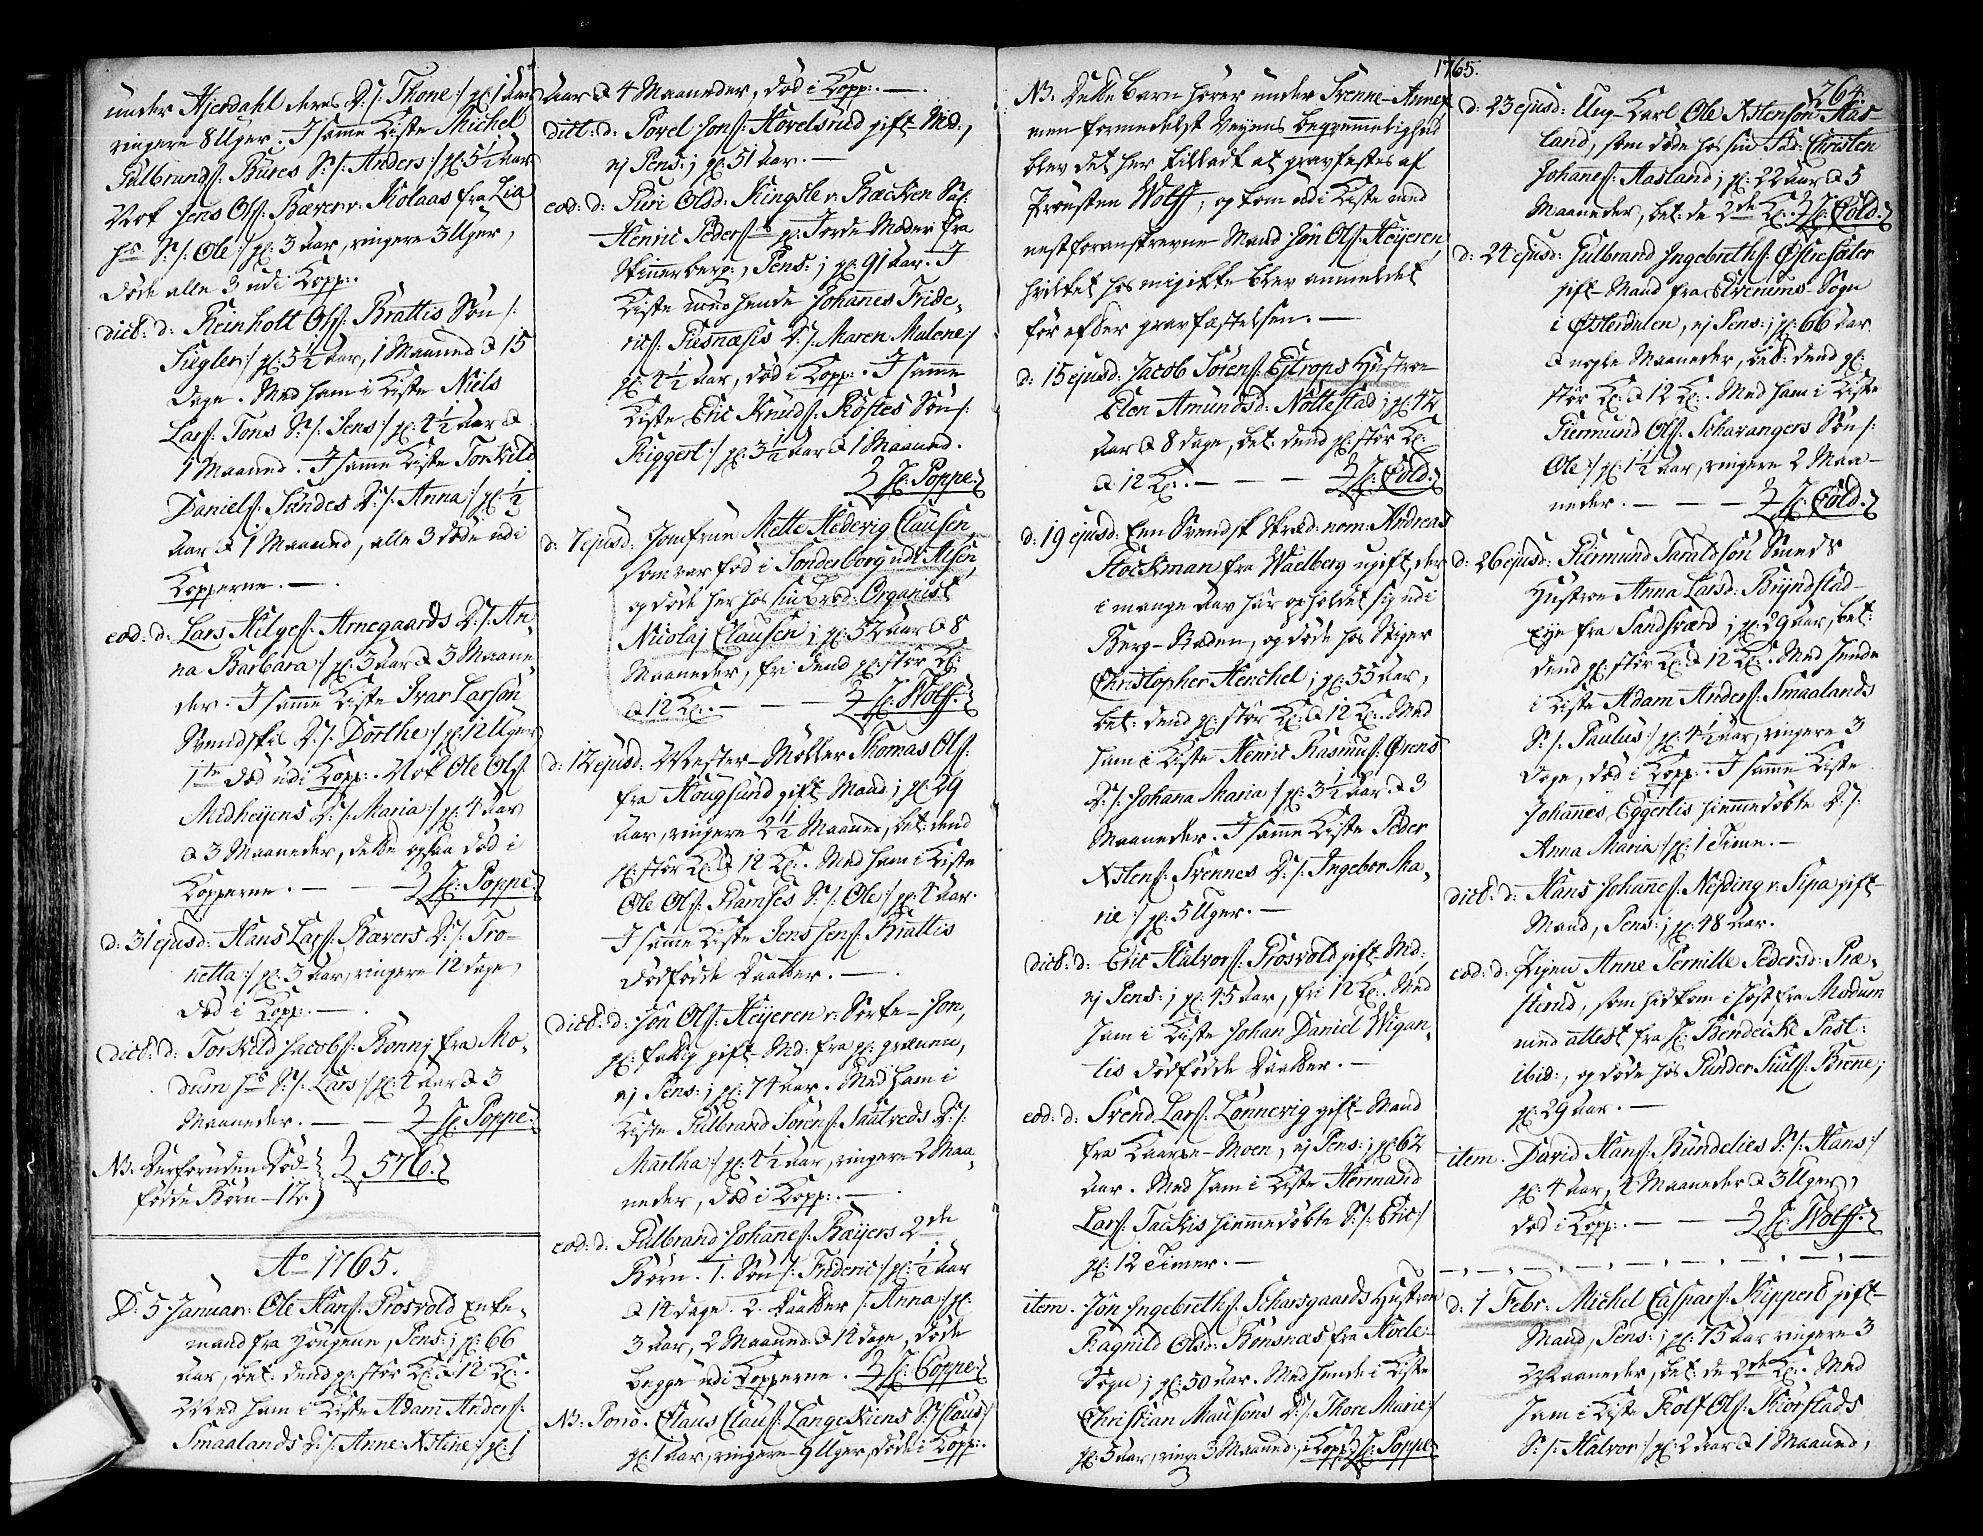 SAKO, Kongsberg kirkebøker, F/Fa/L0004: Ministerialbok nr. I 4, 1756-1768, s. 264